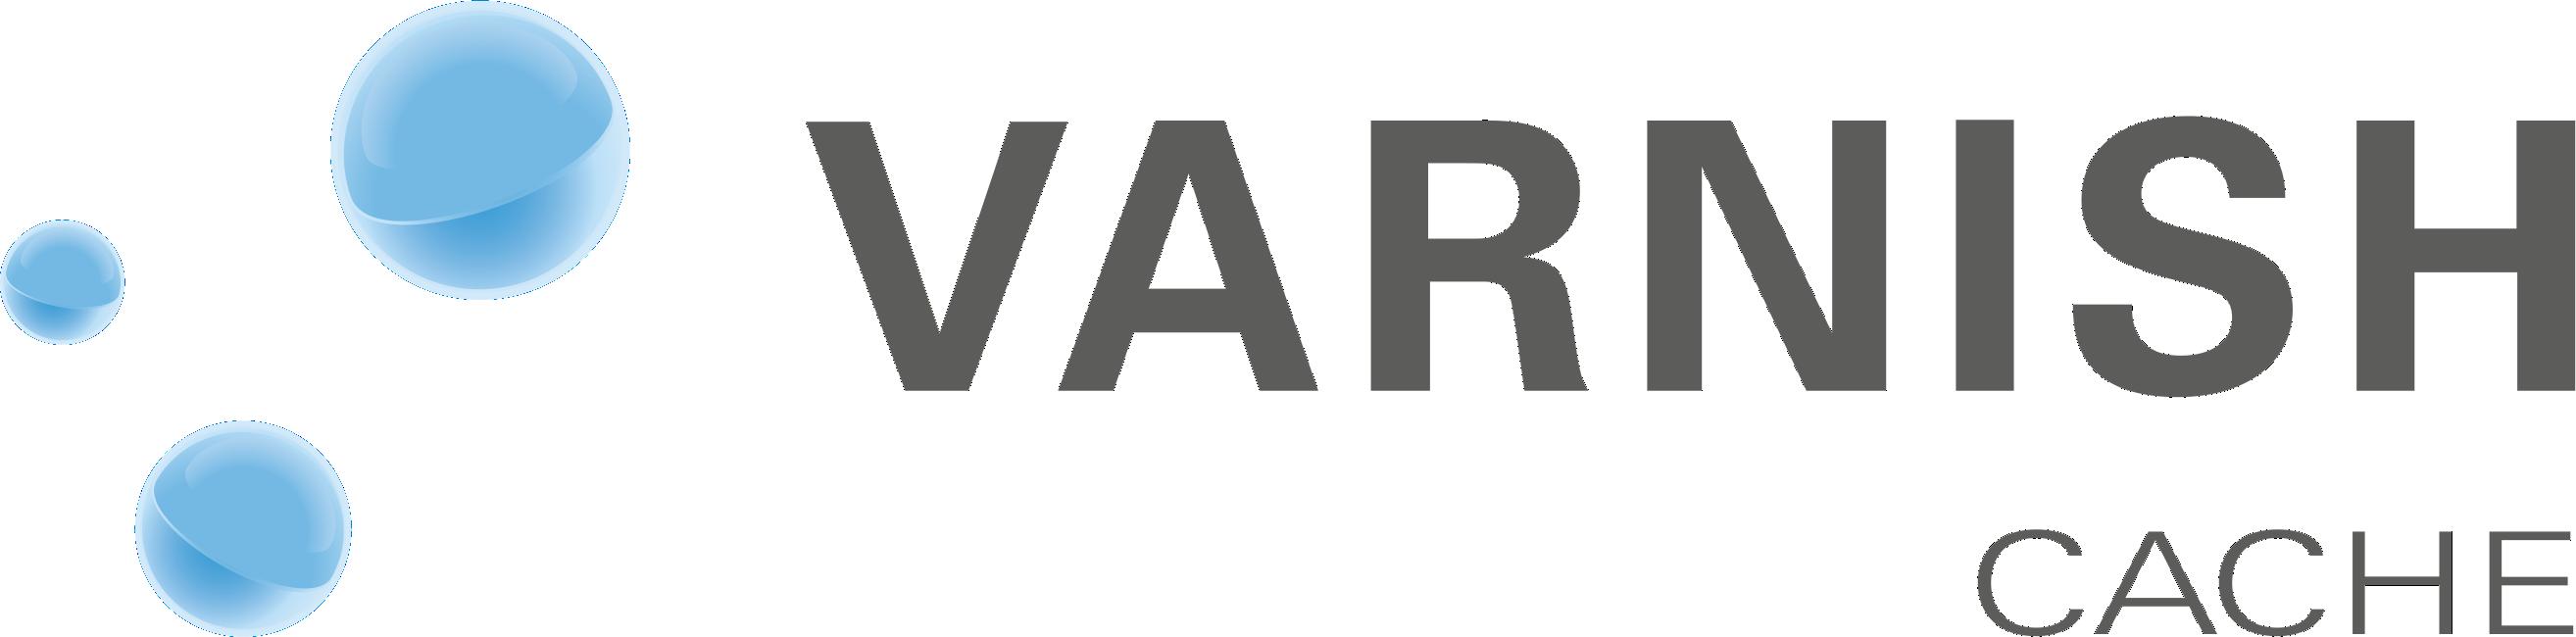 Varnish, by przyspieszyć stronę www!